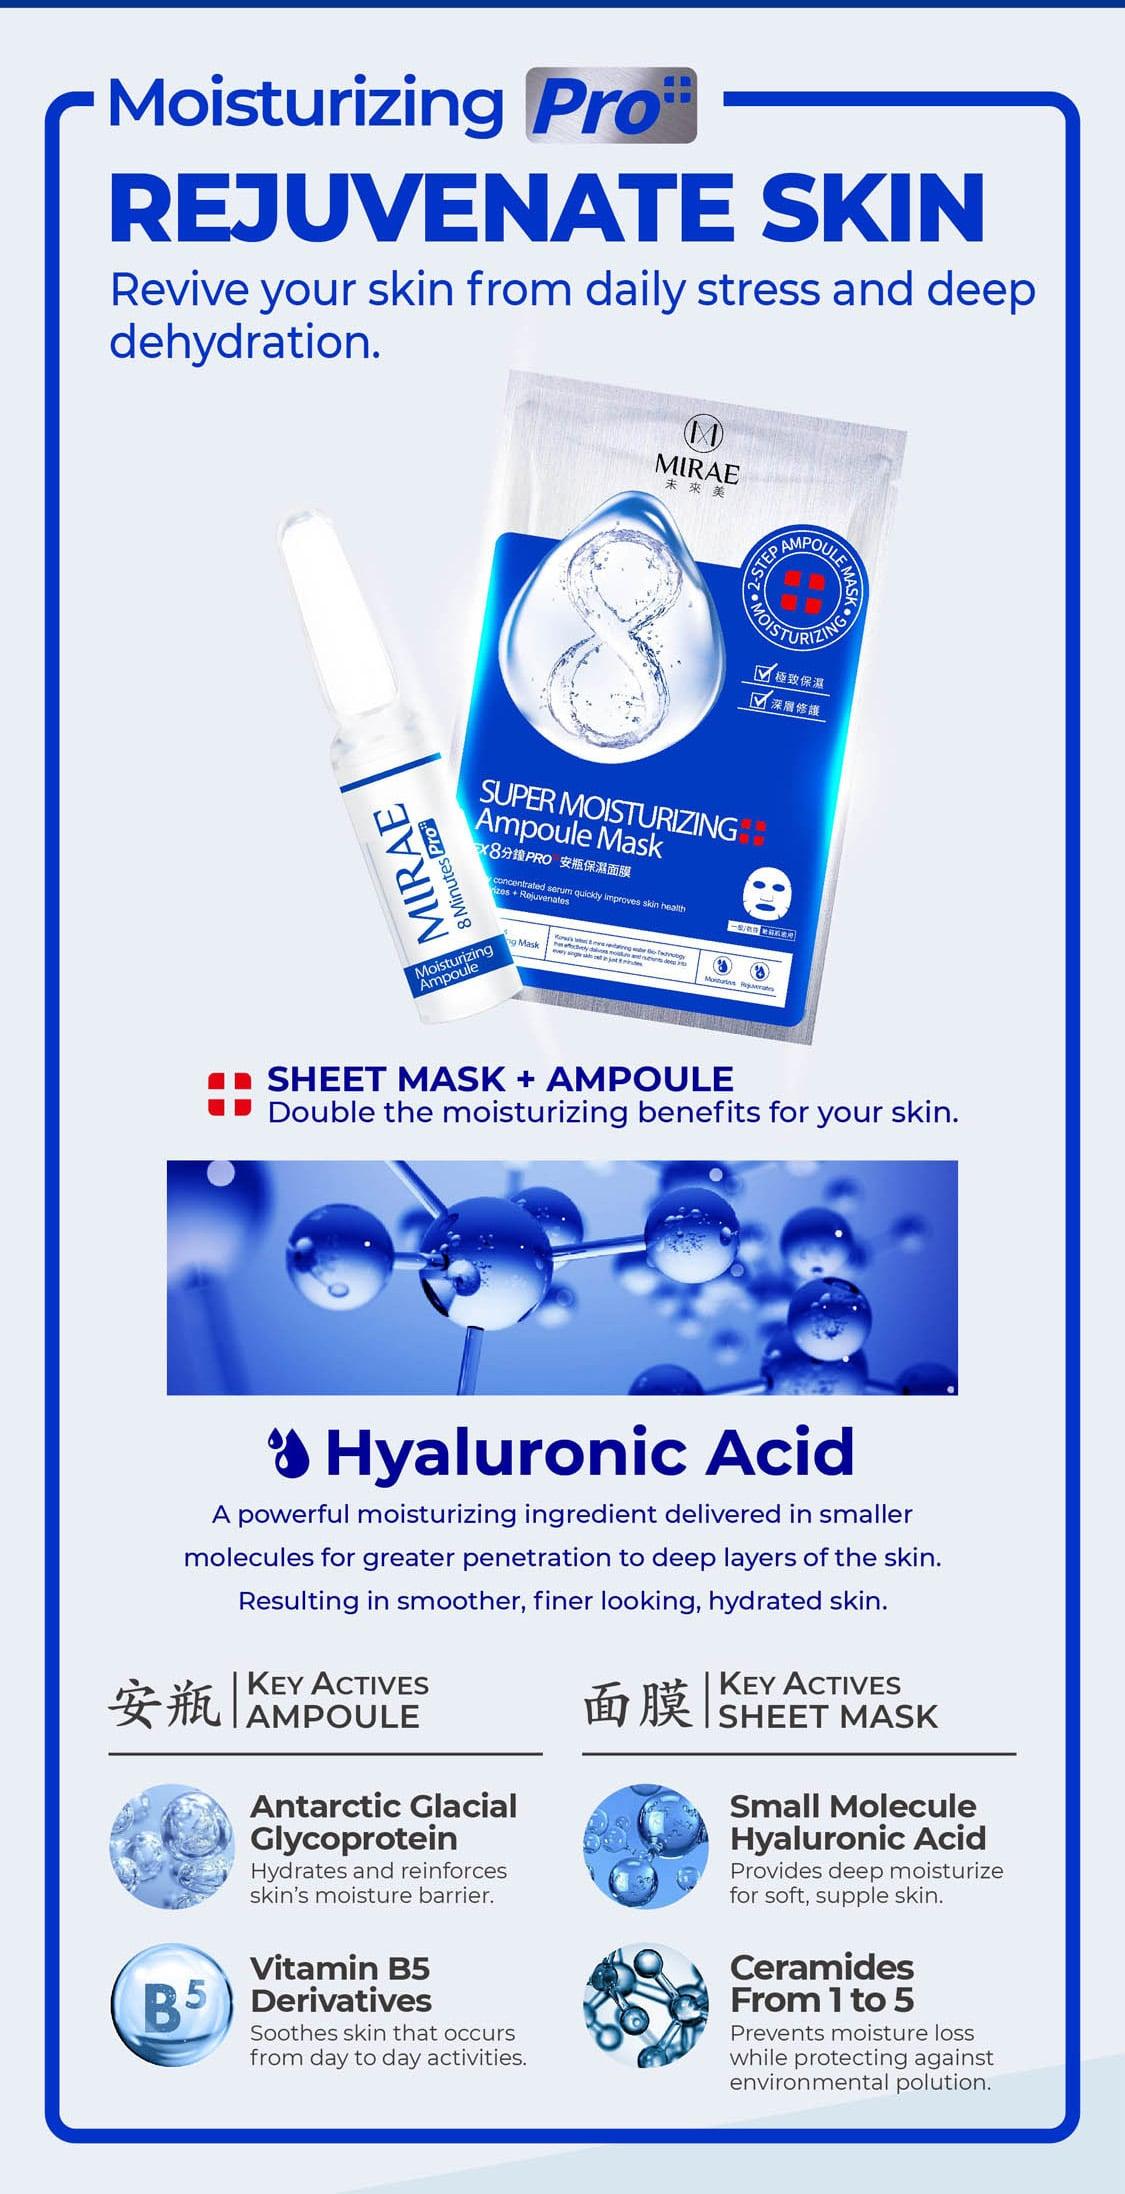 Super Moisturizing Ampoule Mask - Moisturizing